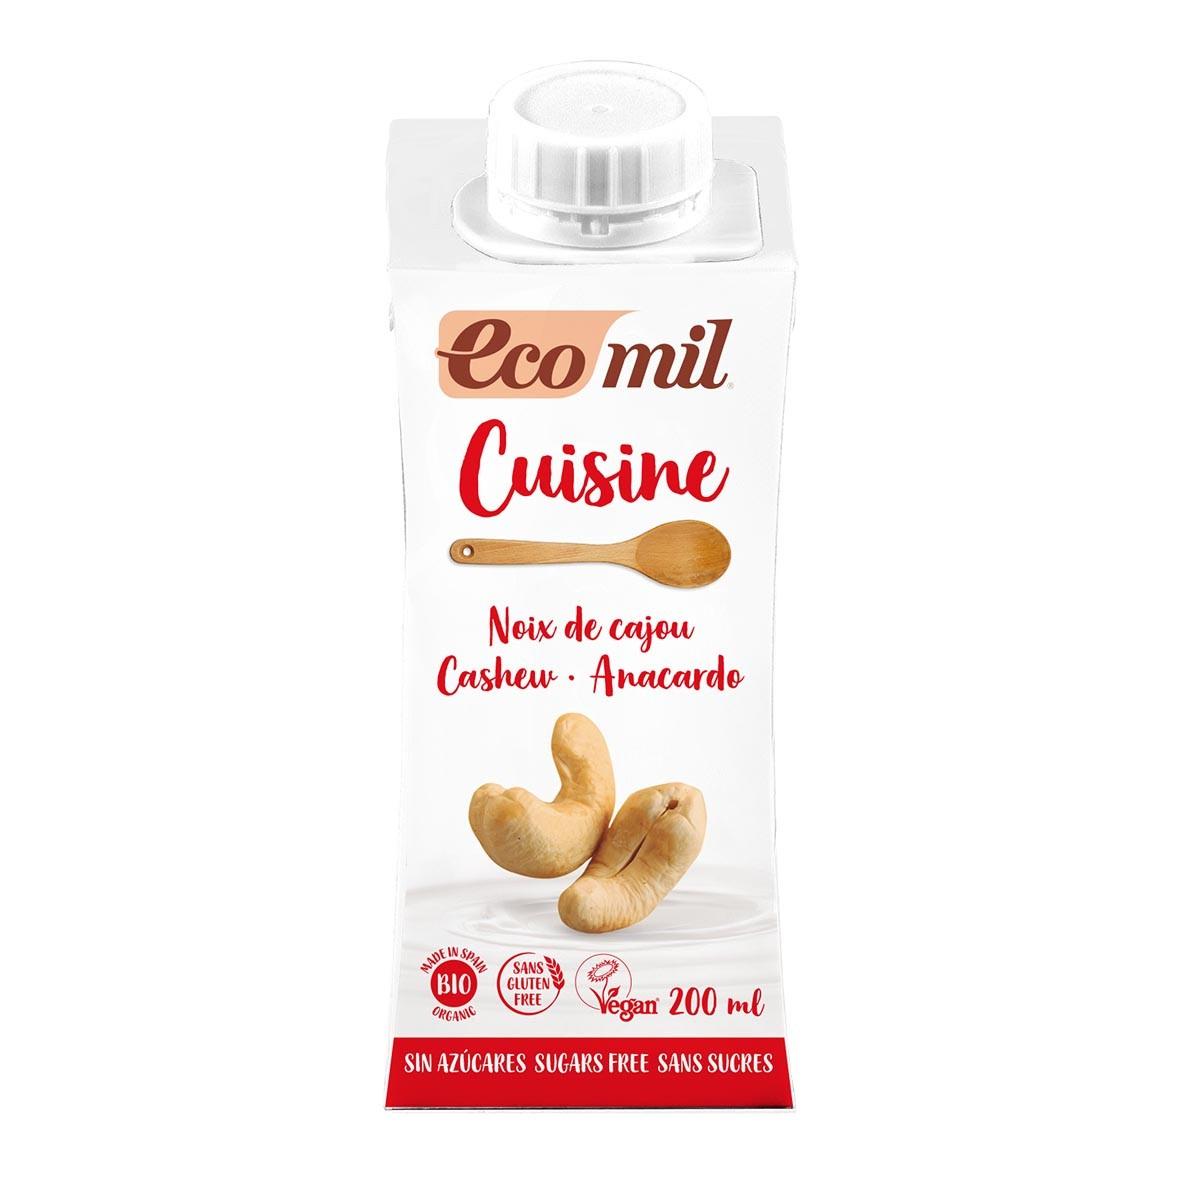 Crème Cuisine Noix de Cajou Nature 200ml Bio - Ecomil